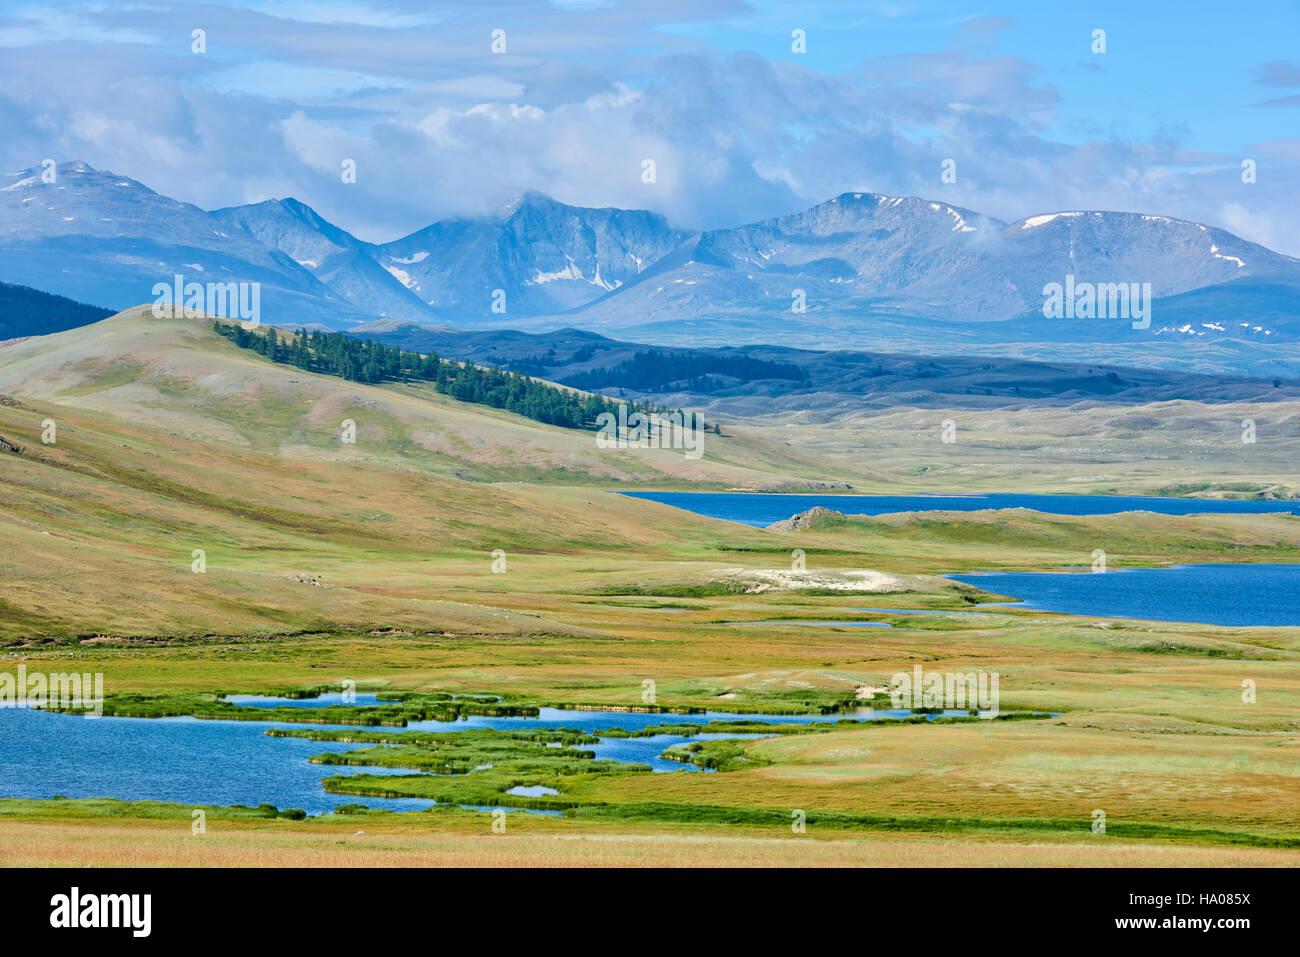 Mongolei, Bayan-Ulgii Provinz, westlichen Mongolei, National Parc des Tavan Bogd, die 5 höchsten Gipfel des Stockbild